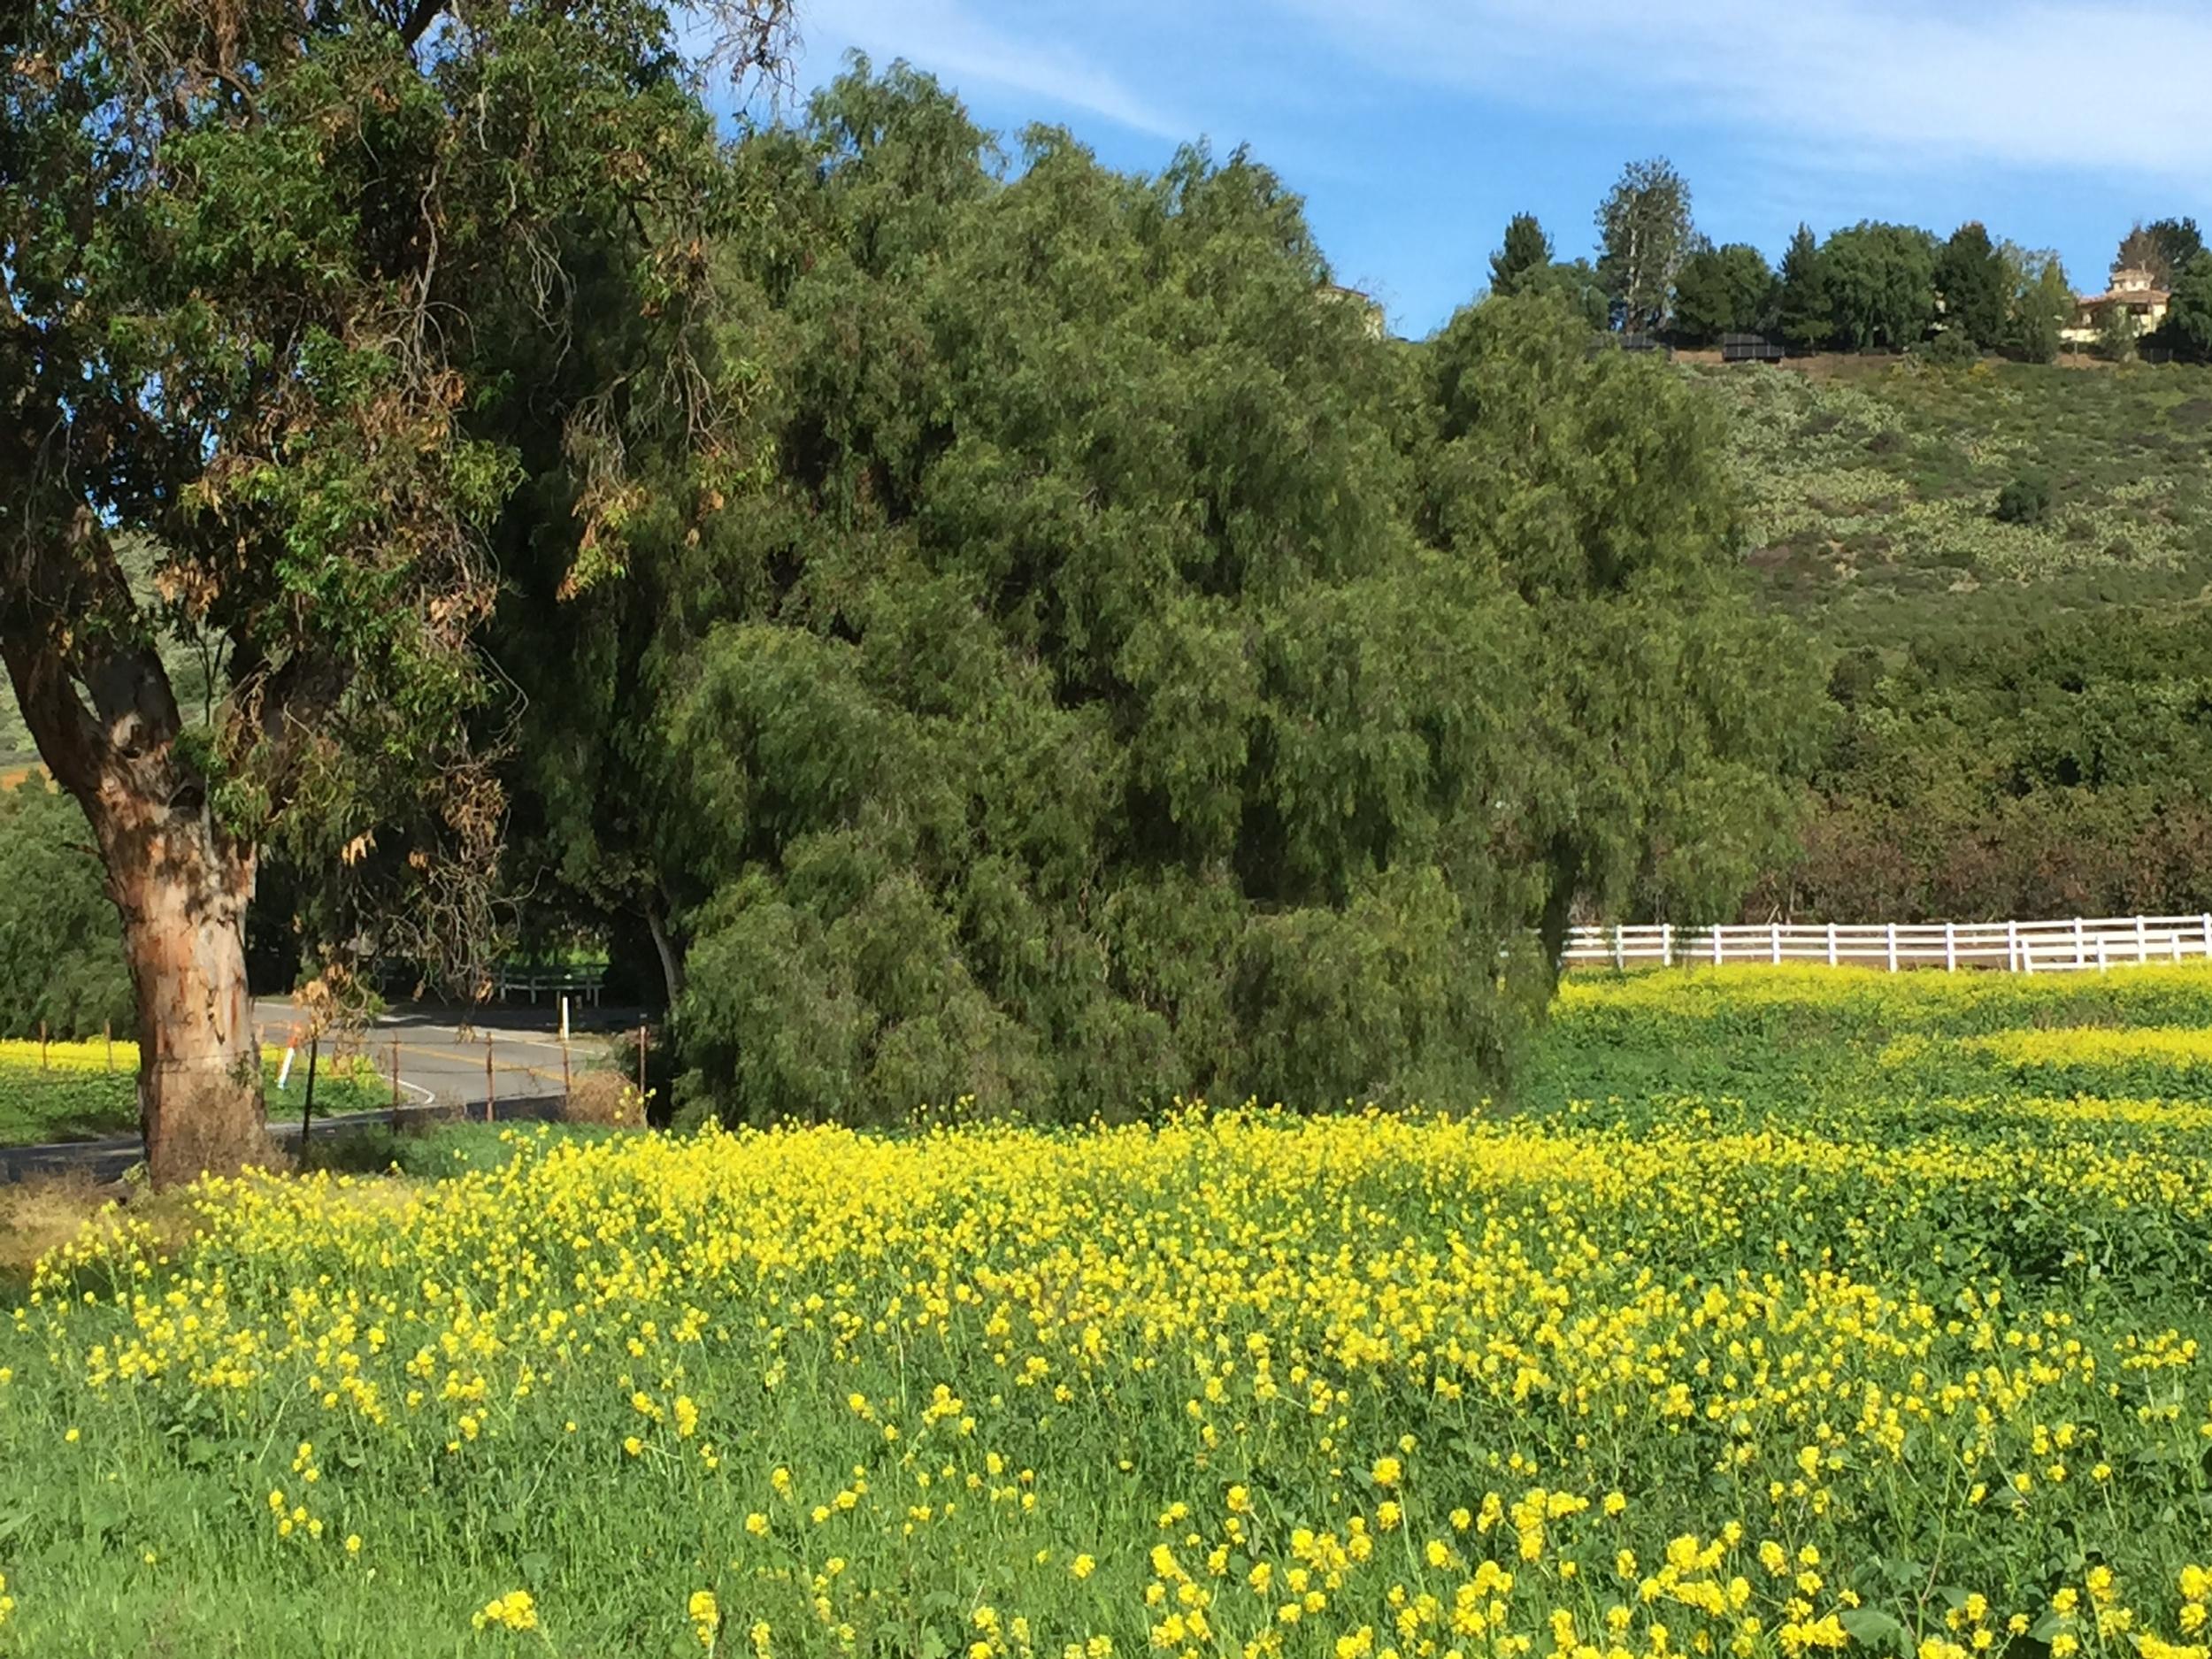 Mustard plants dot the fields near my home in Thousand Oaks, CA